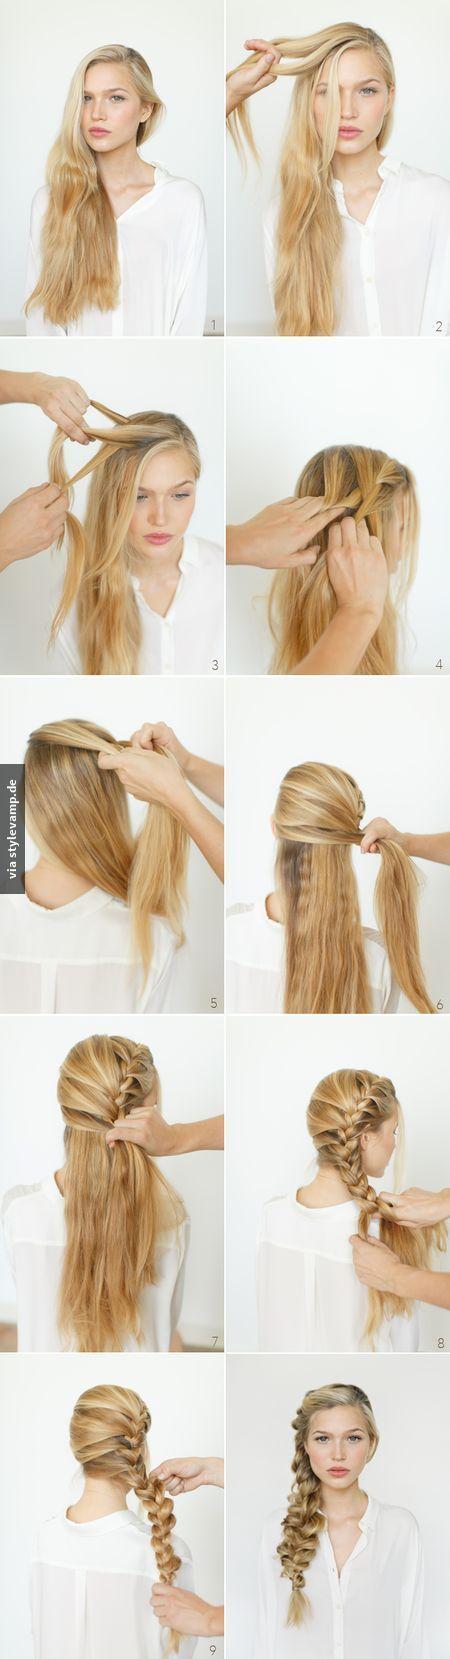 Haarstyling ausprobieren